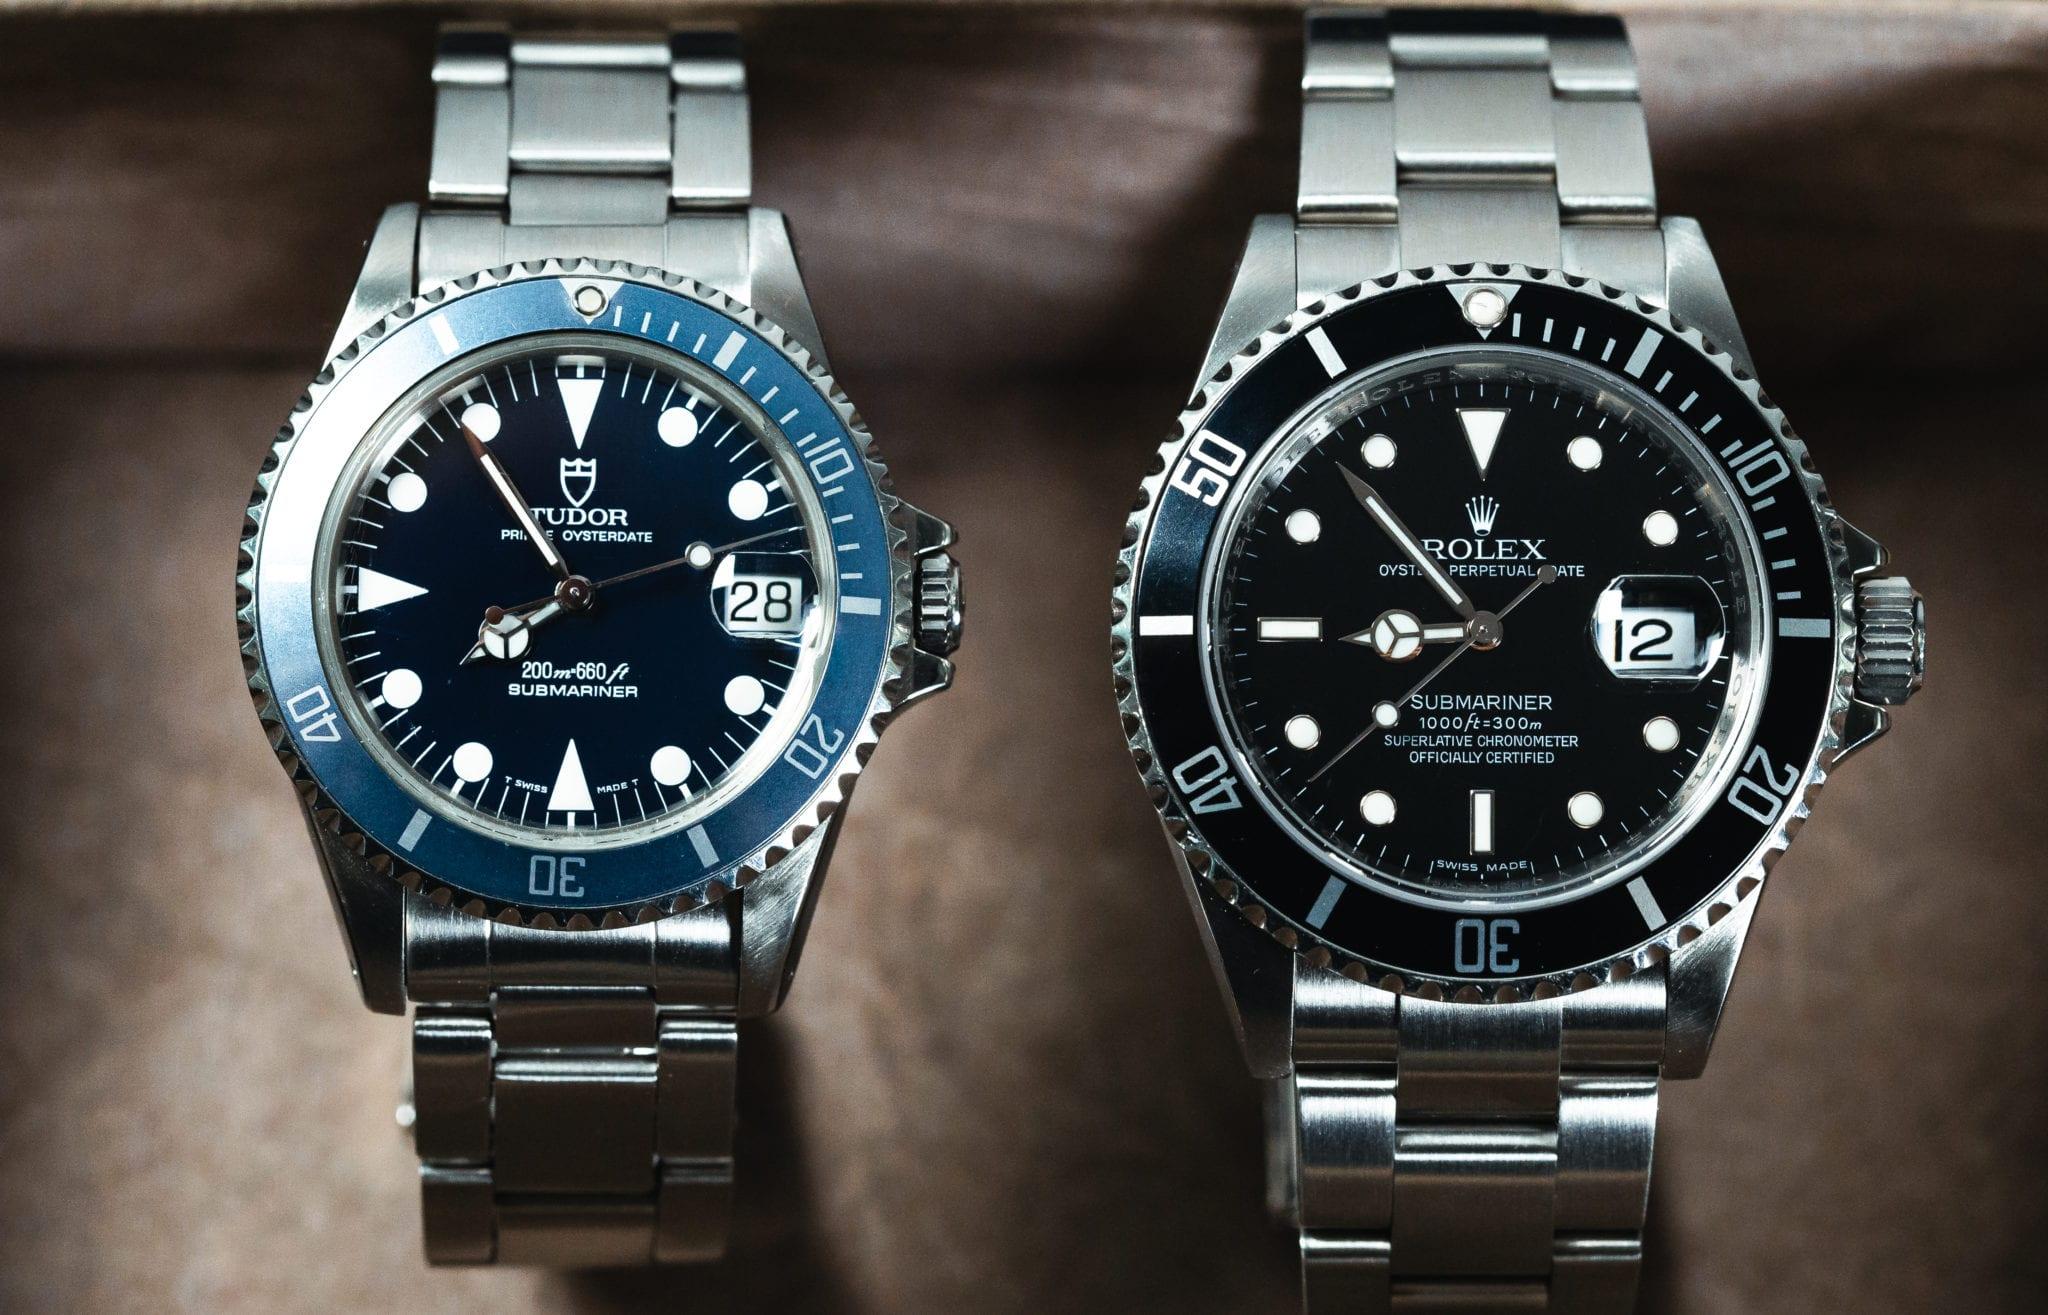 horlogerie du luxe